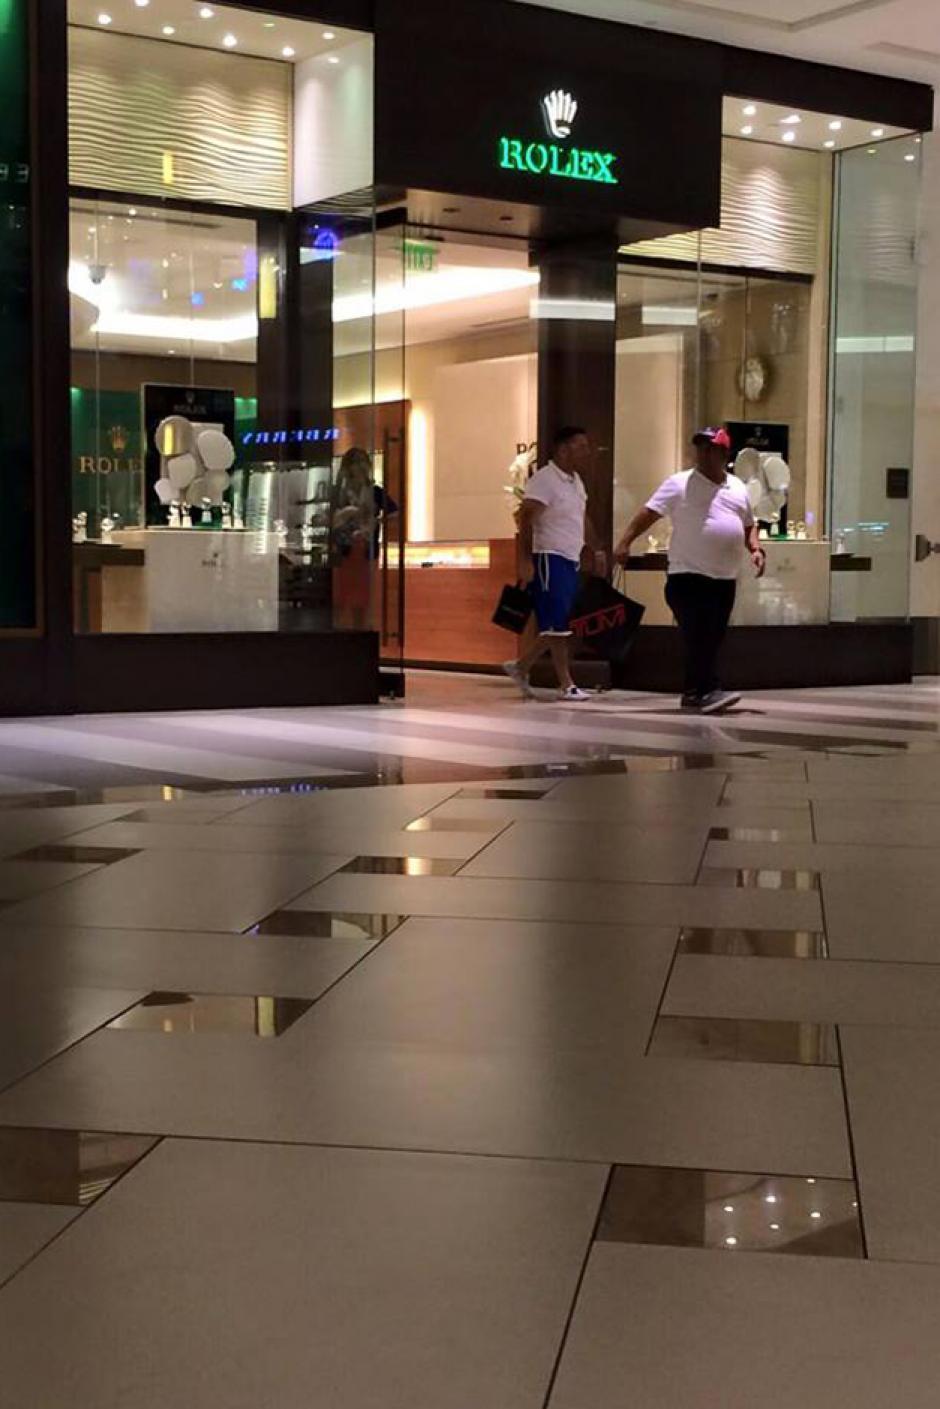 Baldizón fue visto comprando en Rolex, una de las joyerías más caras del mundo. (Foto: Redes sociales)